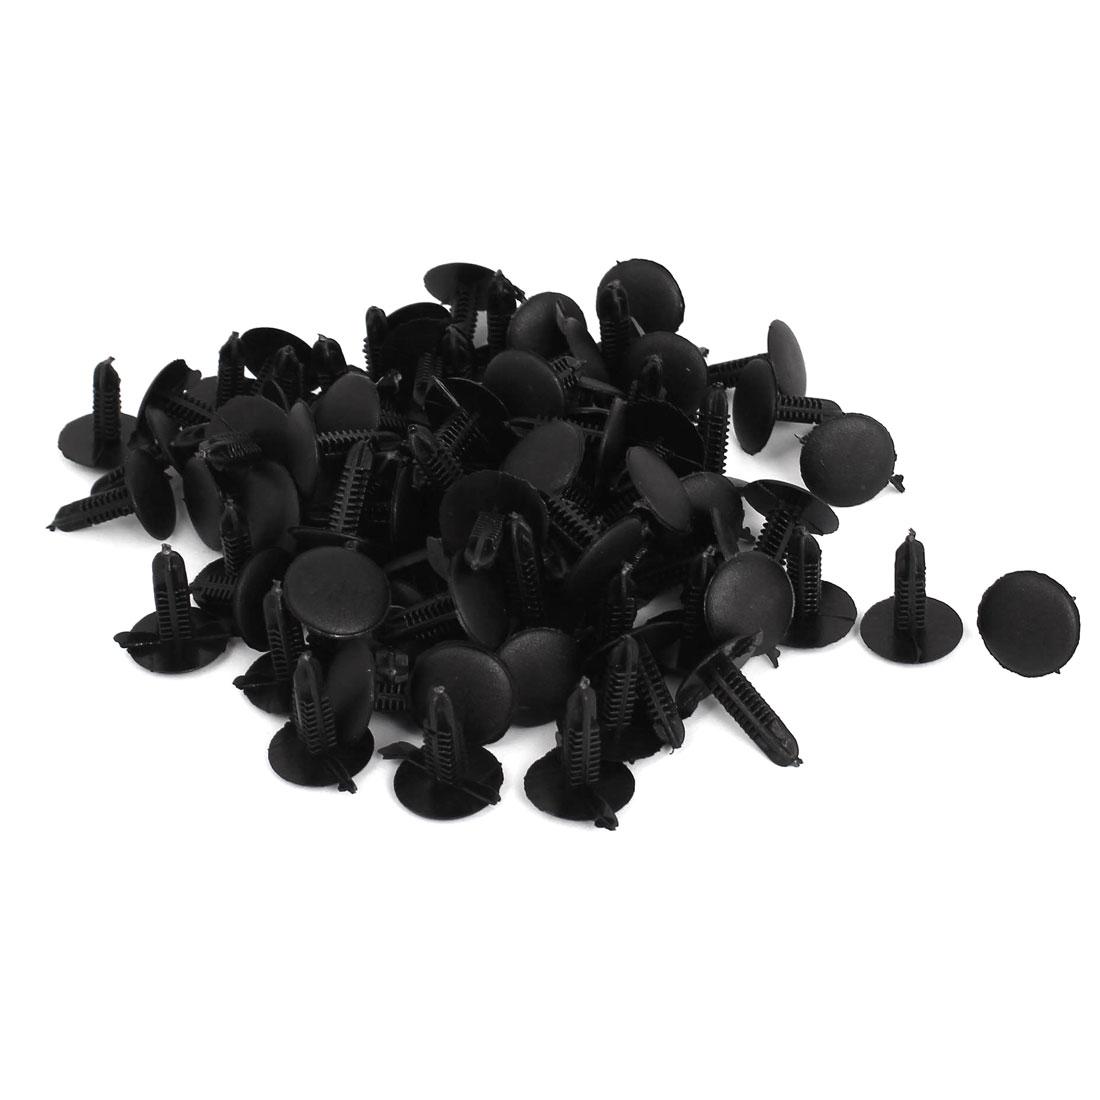 7mm Hole Dia Plastic Rivets Fastener Car Fender Bumper Push Clips Black 100pcs